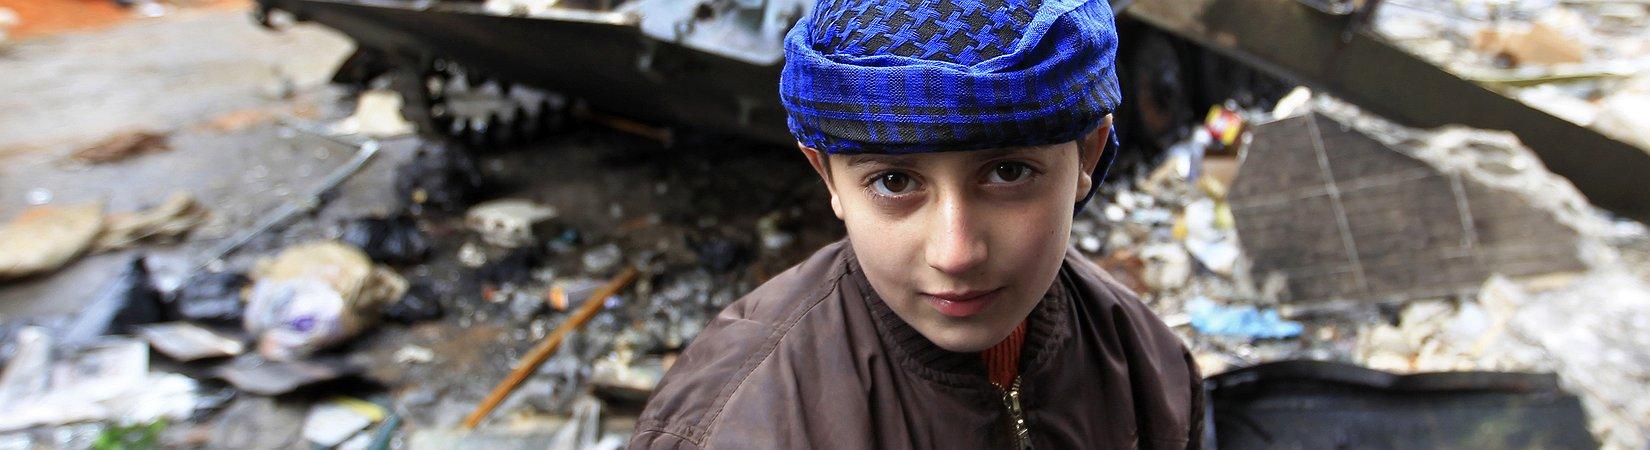 Syriens globaler Einfluss